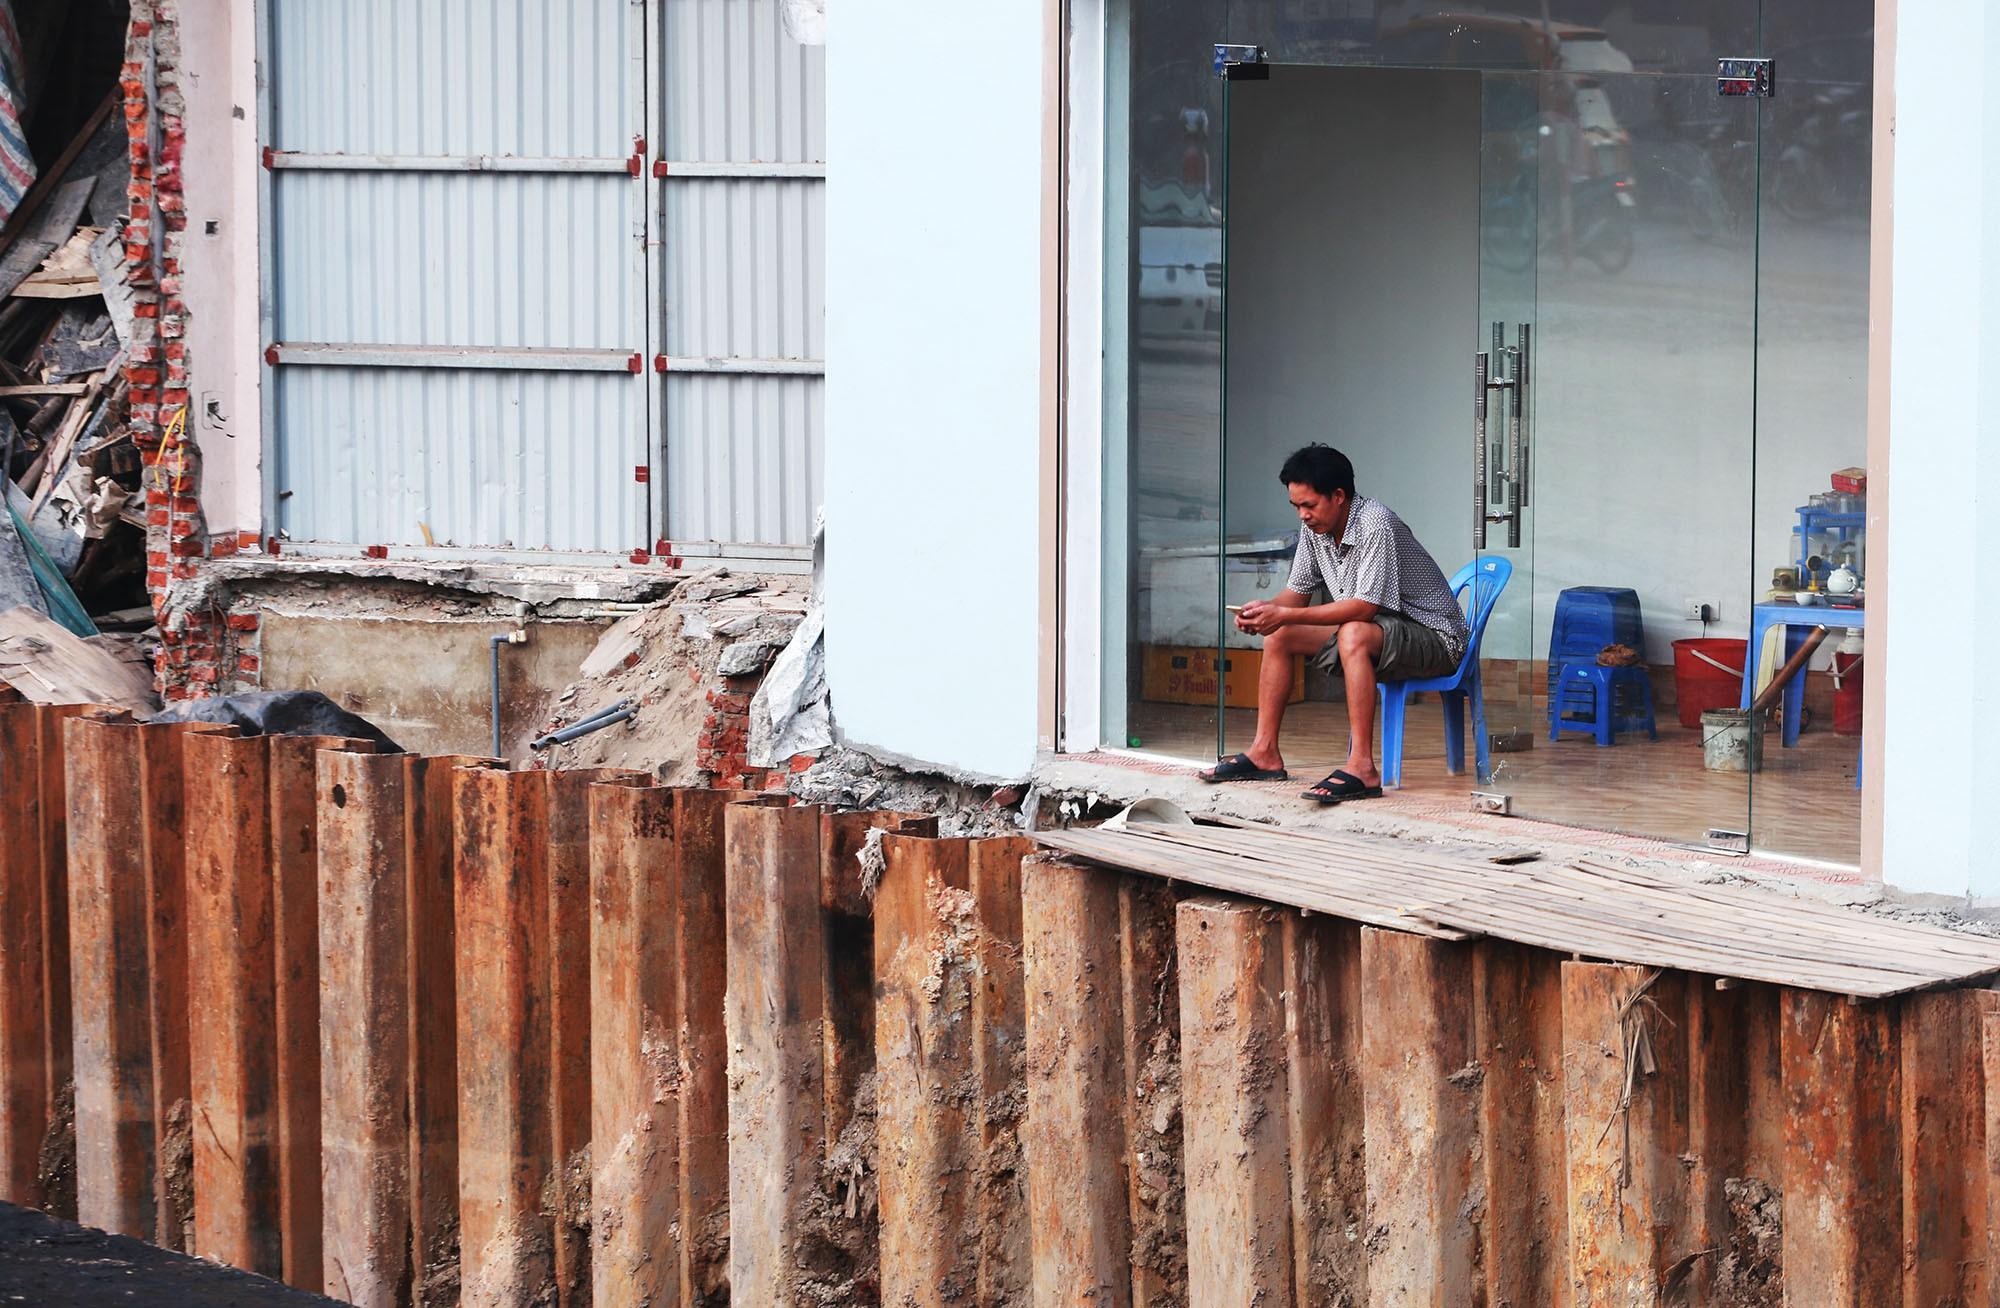 Hà Nội: Đường Phạm Văn Đồng vẫn ngổn ngang hơn 1 năm thi công dự án cao tốc trên cao - Ảnh 10.